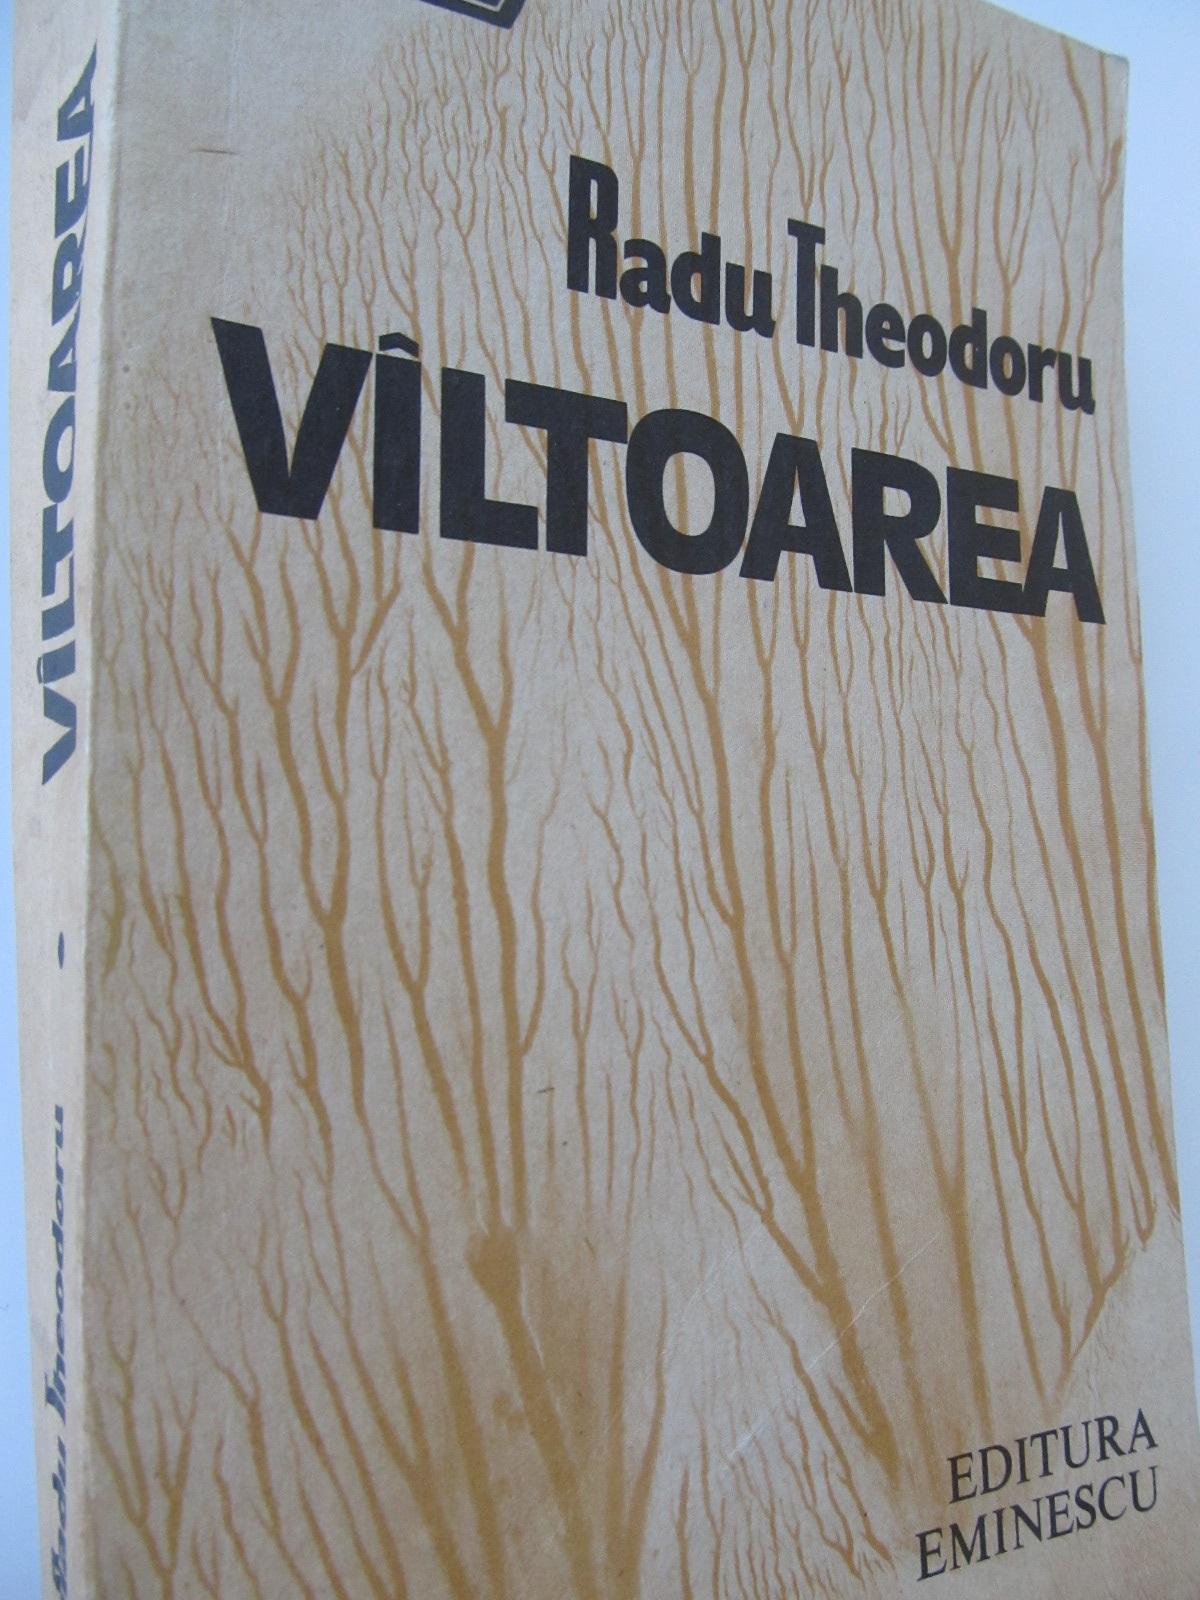 Valtoarea - Radu Theodoru | Detalii carte